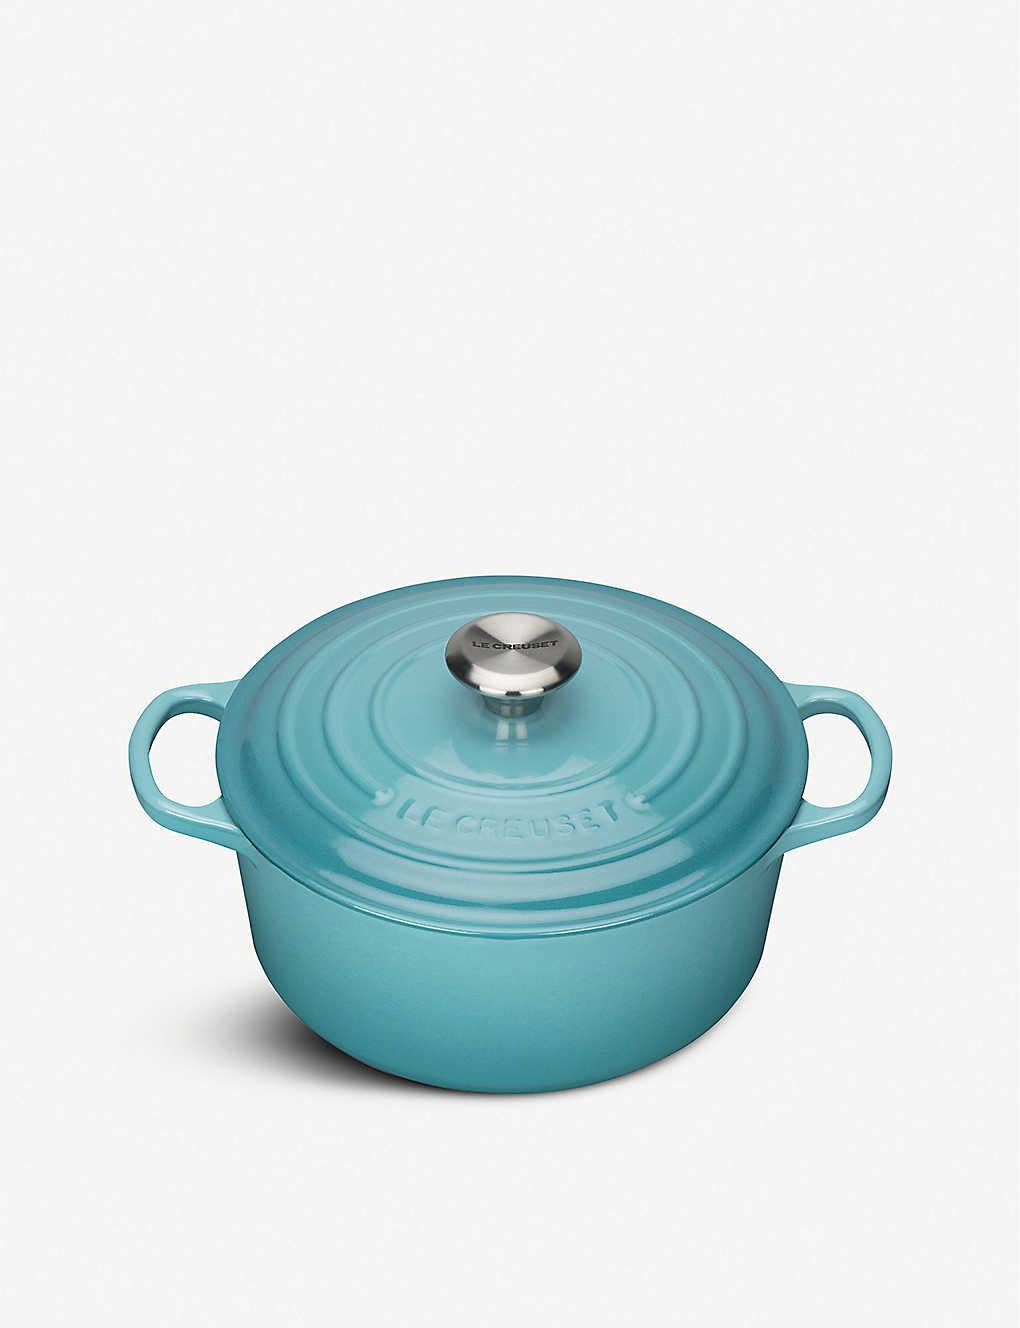 LE CREUSET: Signature cast iron casserole dish 24cm